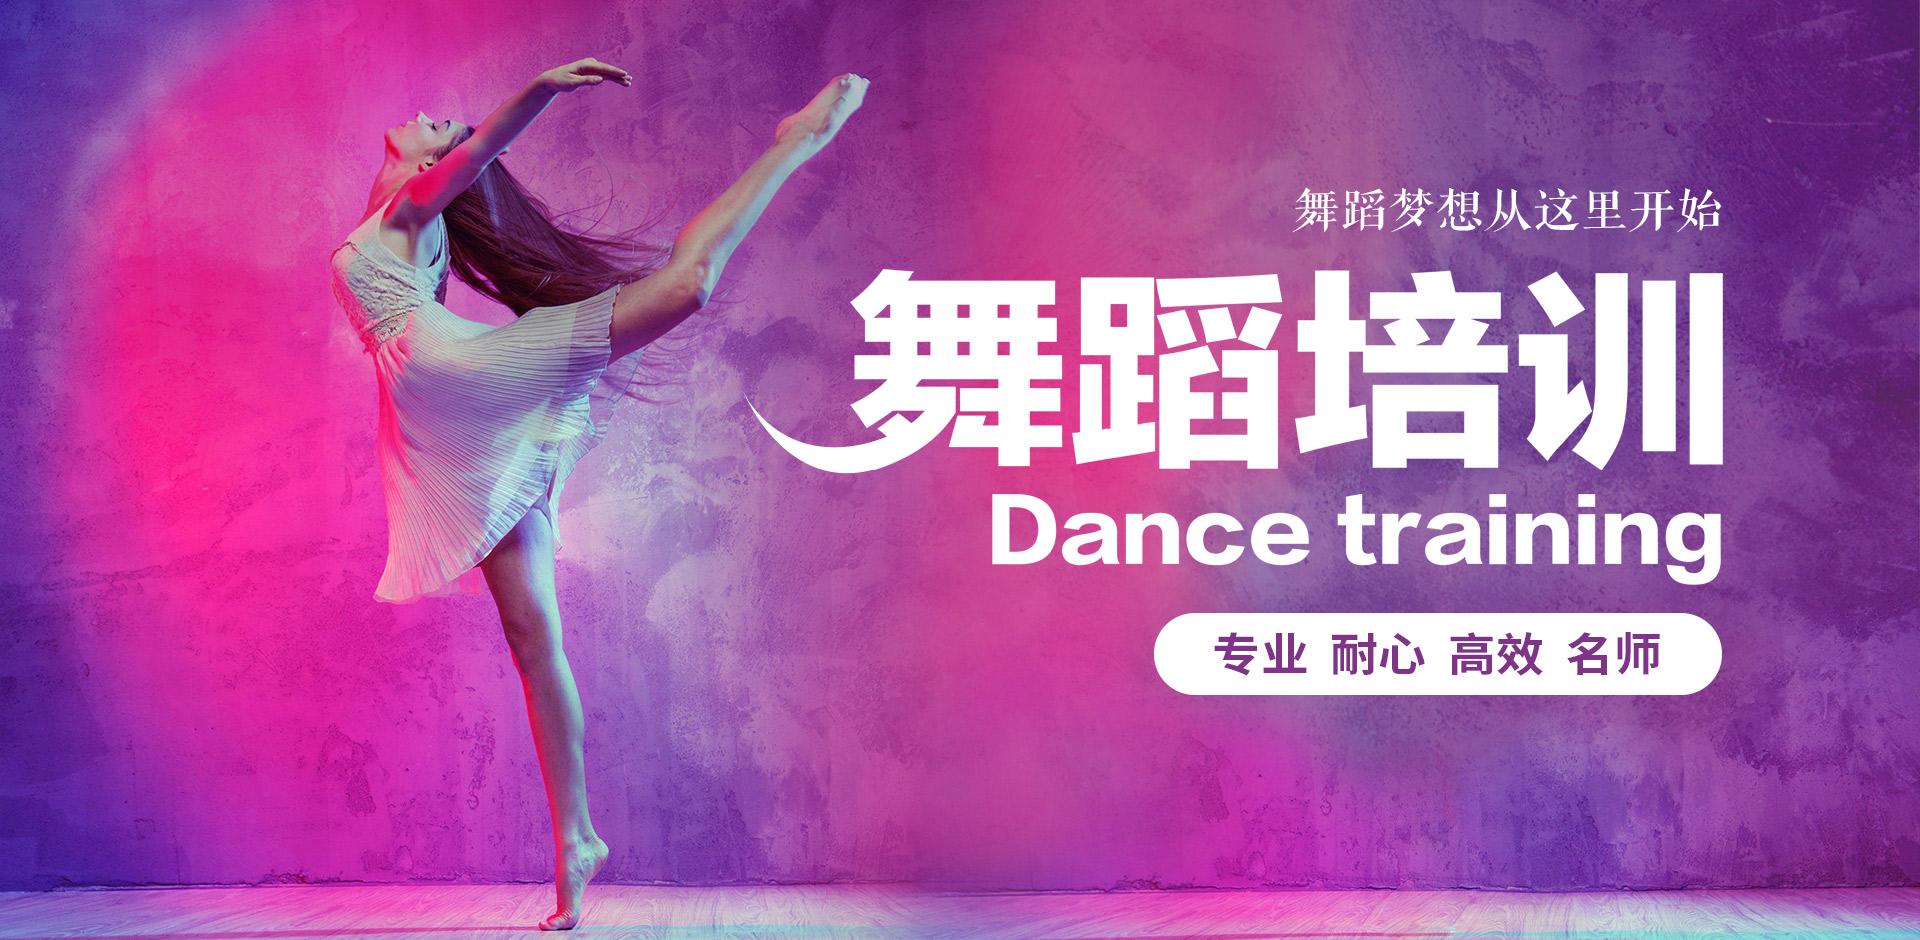 宜昌少儿舞蹈培训